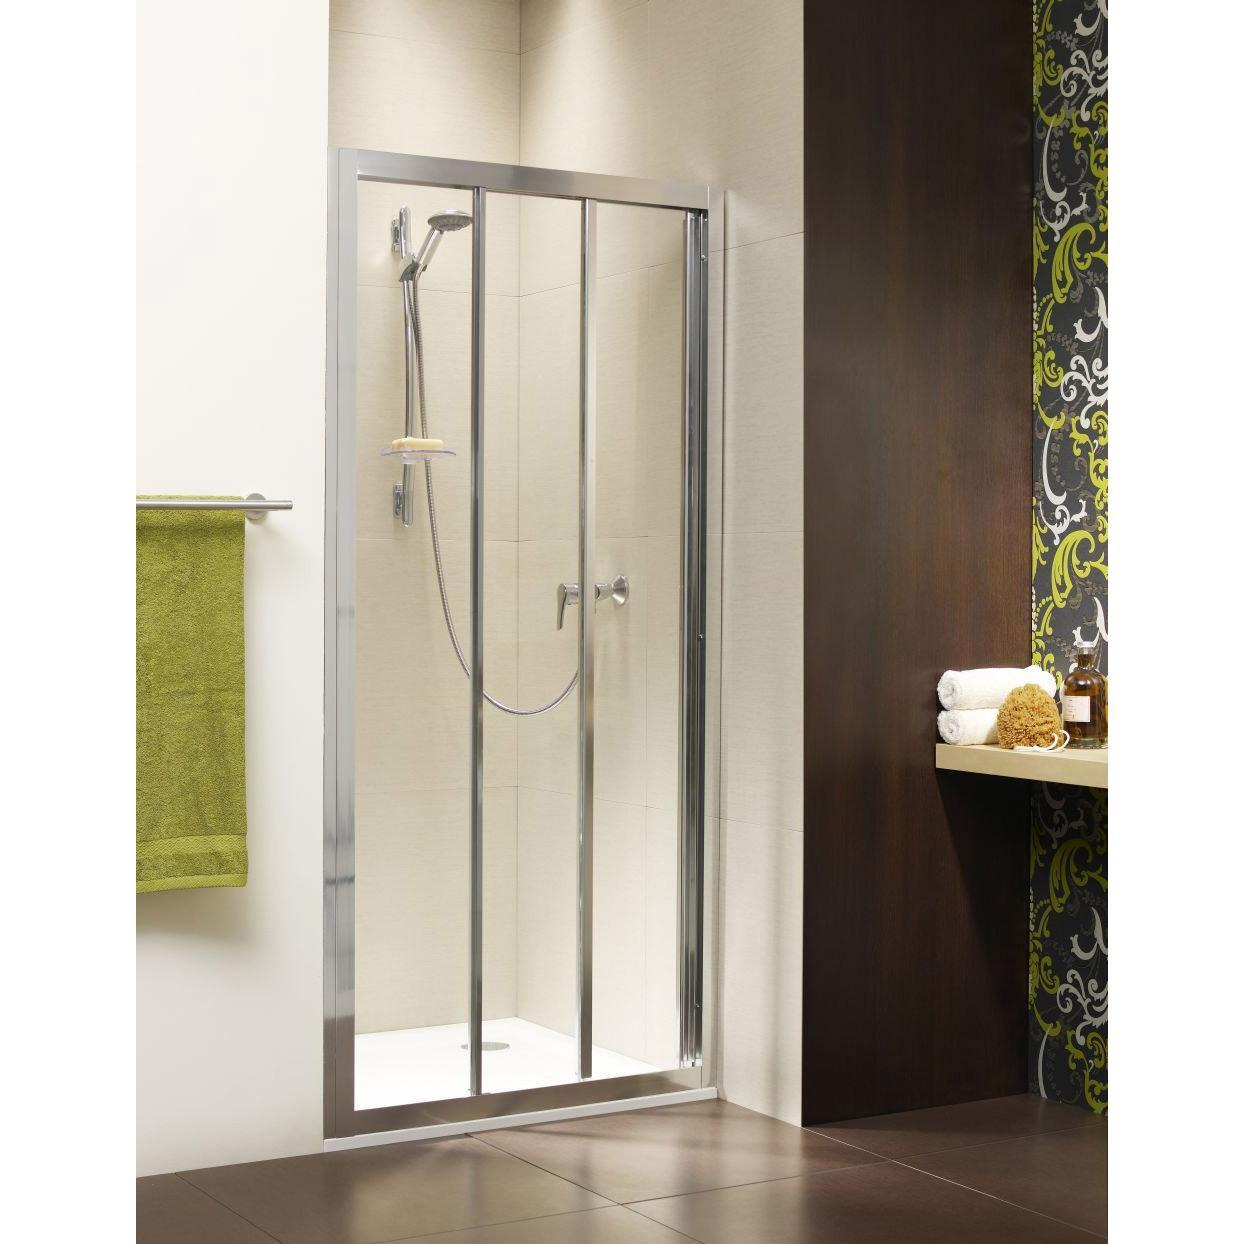 Душевая дверь Radaway Treviso DW 100 хром/фабрик душевая дверь radaway treviso dw 100 хром коричневое